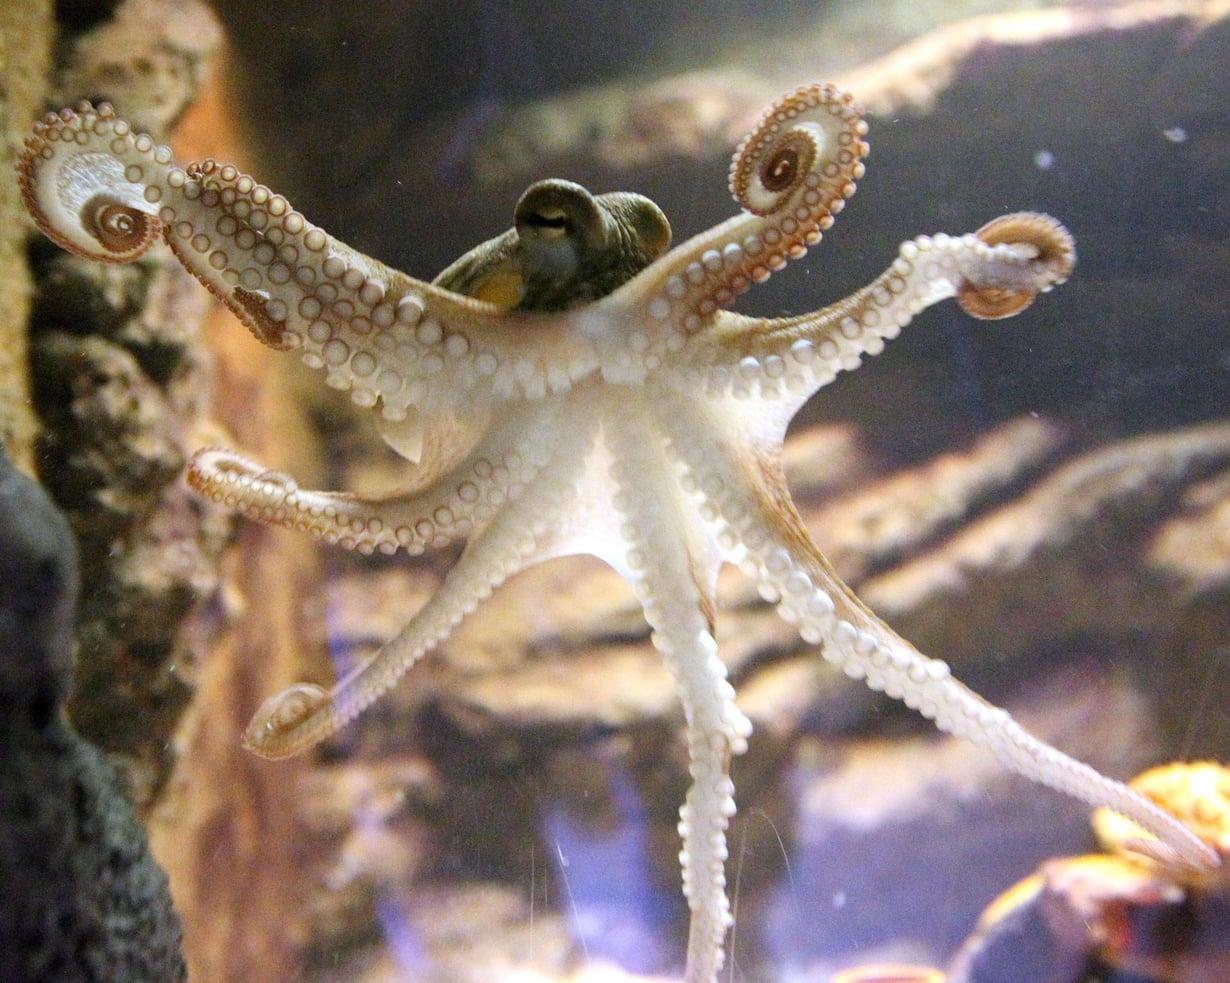 Meritursaat kuuluvat mesopelagisen merivyöhykkeen eläimiin. Nyt vyöhykkeen eläinten ääntelystä on saatu vihiä. Tämä tursas kuvattiin Helsinki Sea Life -merimaailmassa. Kuva: tuomas selänne